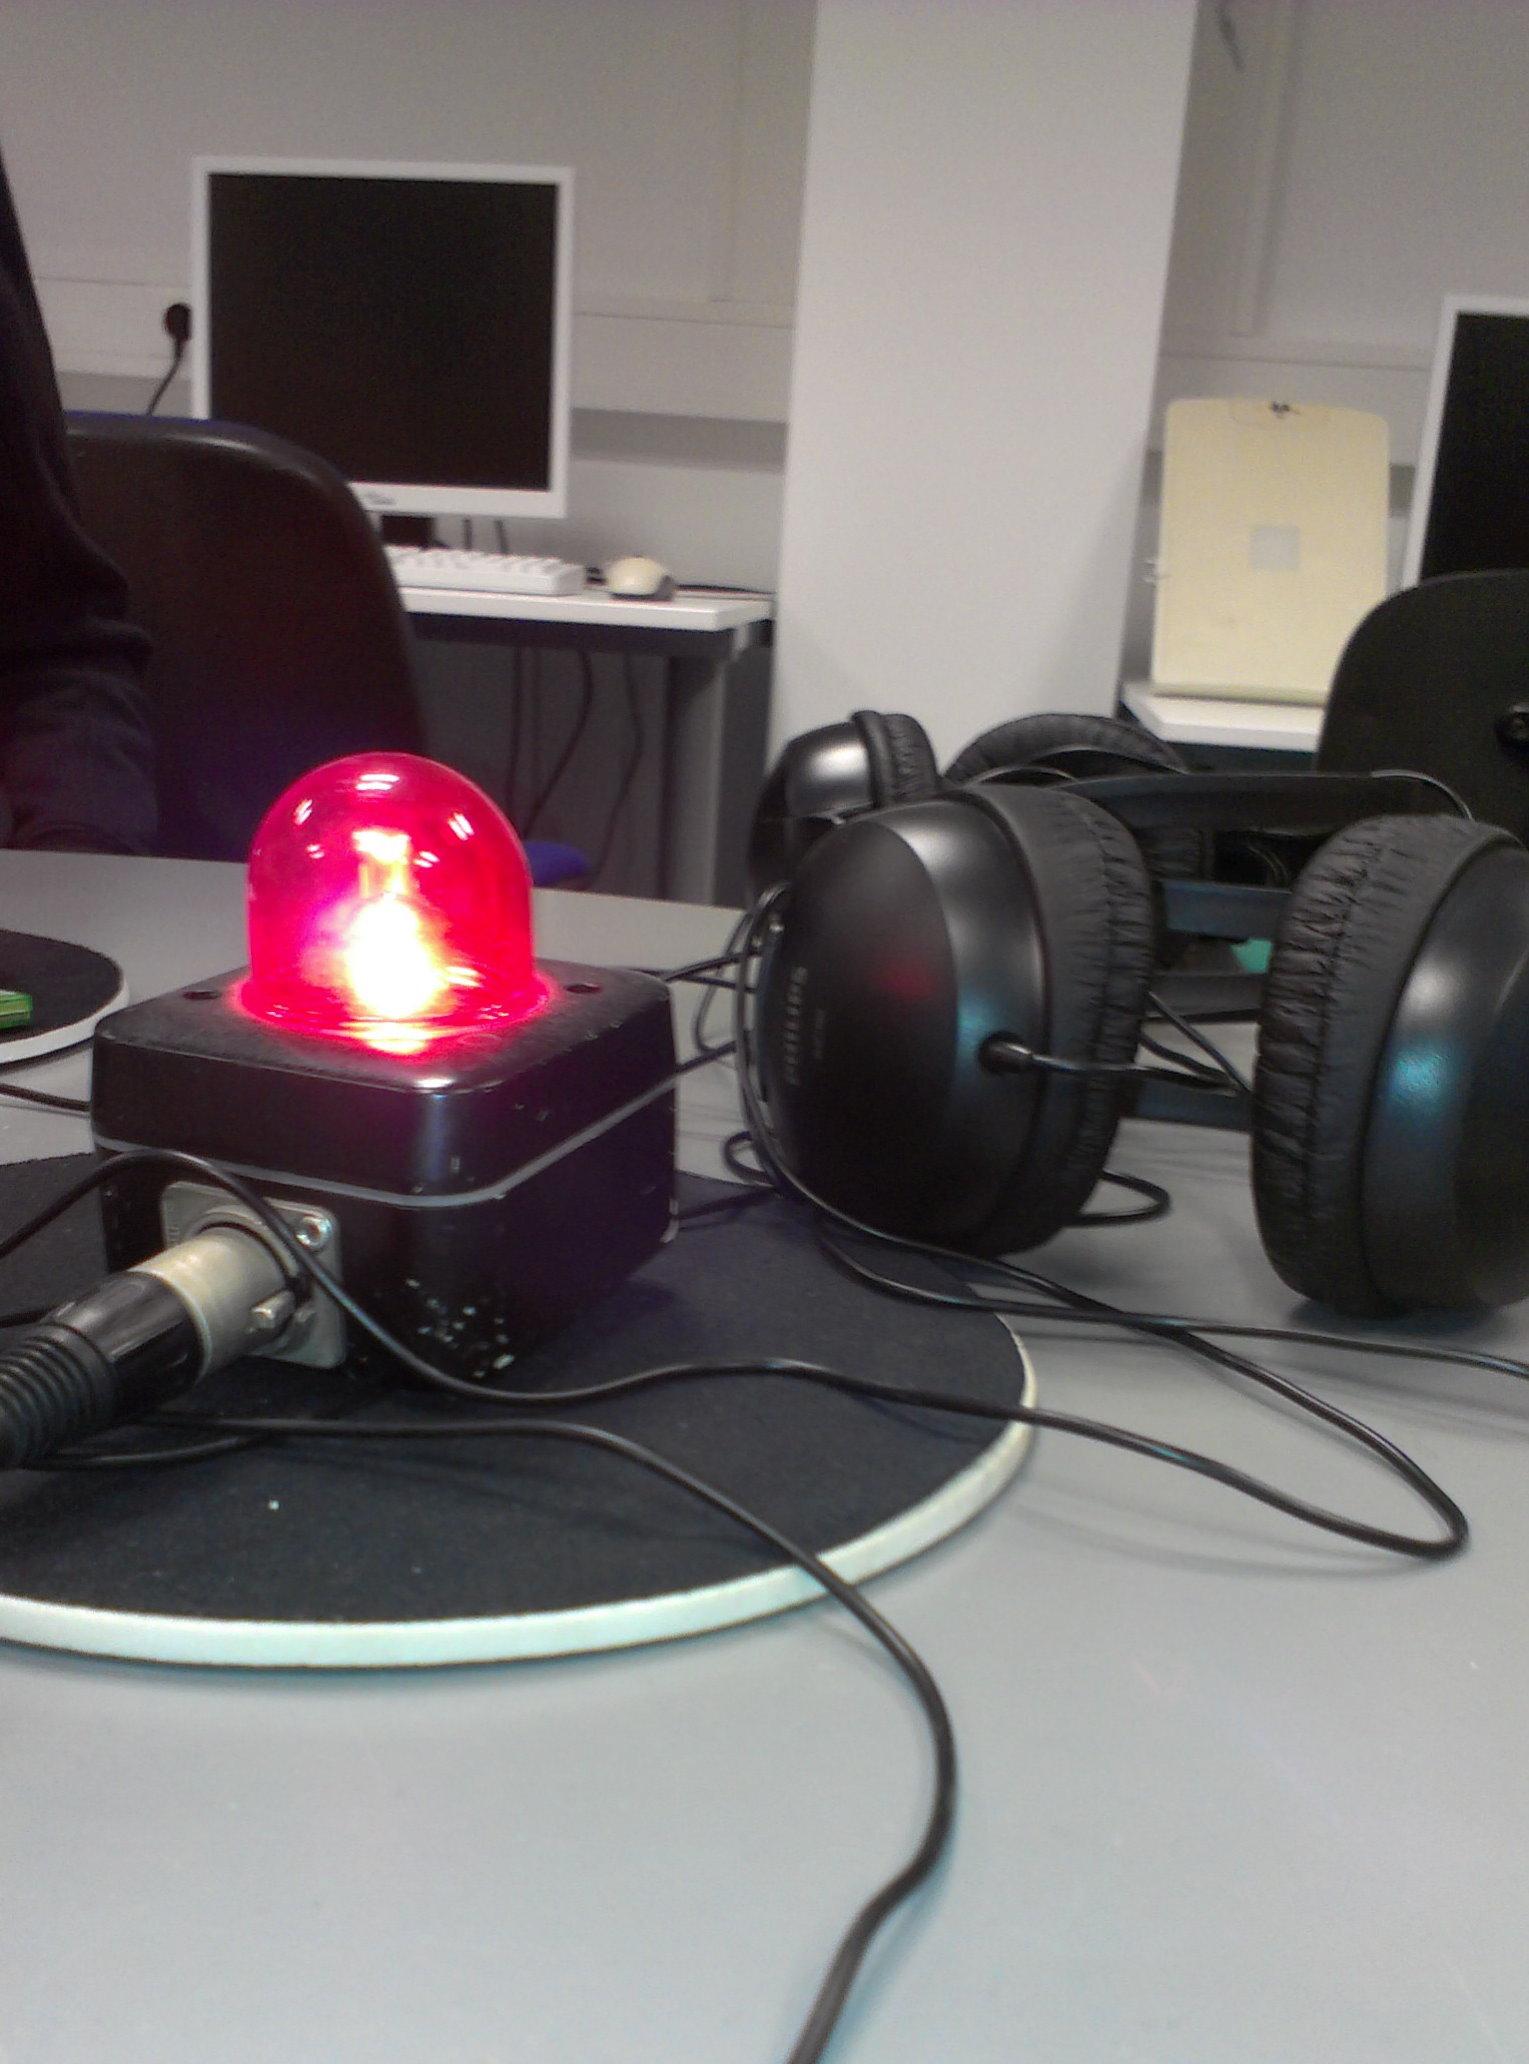 Radiosendung Jugendliche Johannes Wentzel Glauben